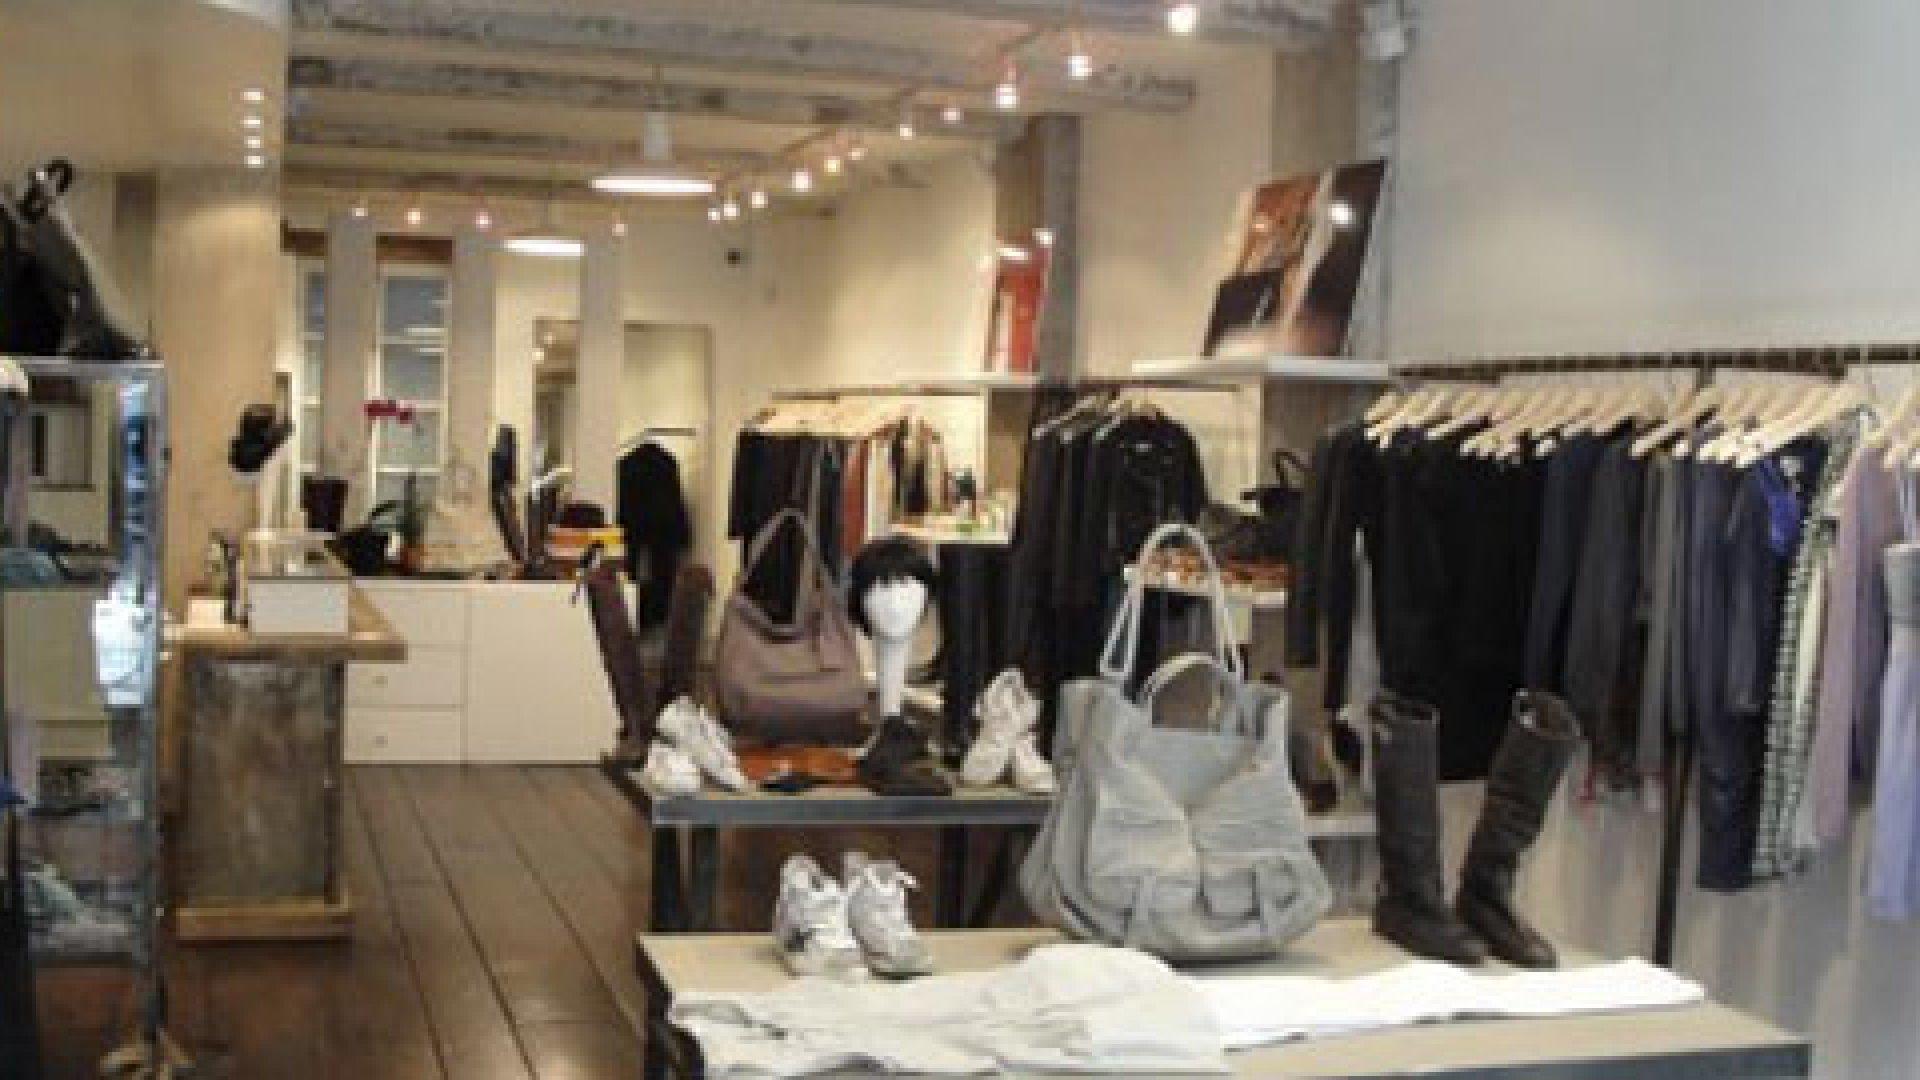 The Secret to Retail Store Profitability